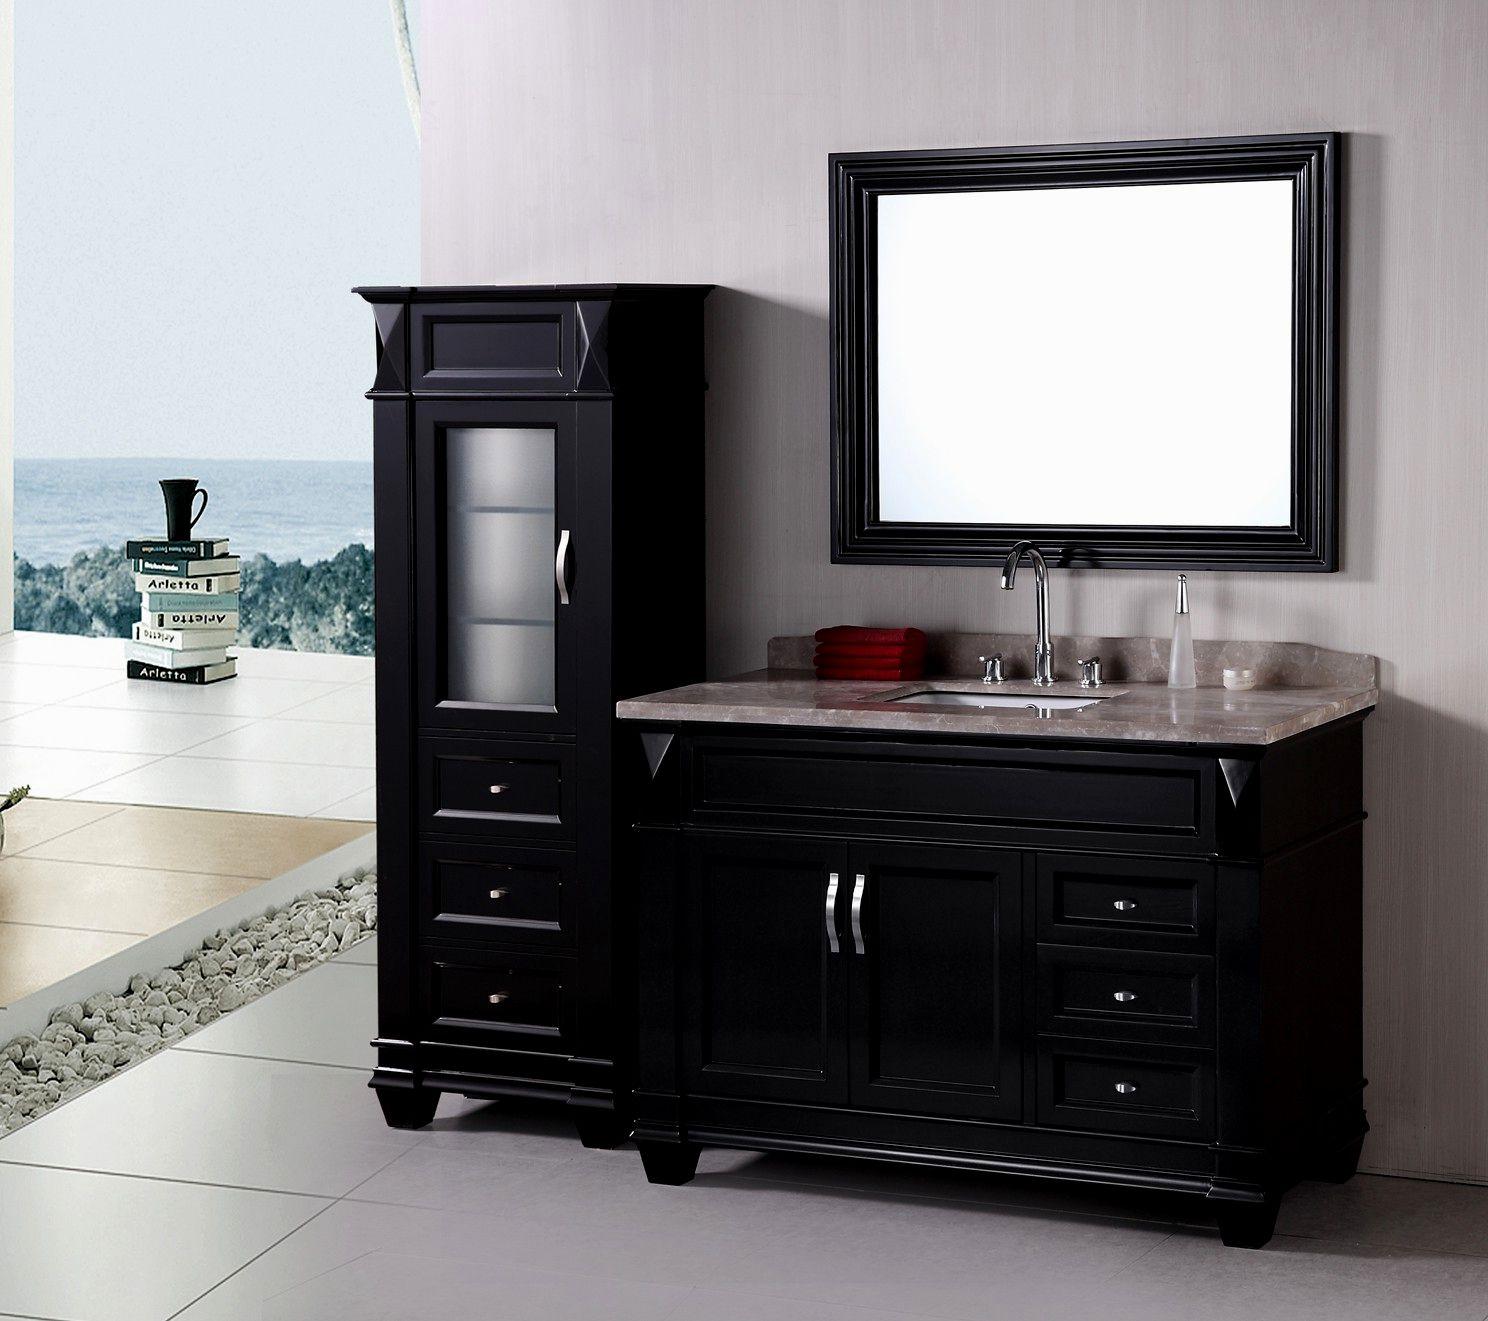 stunning double bathroom vanities pattern-Superb Double Bathroom Vanities Decoration